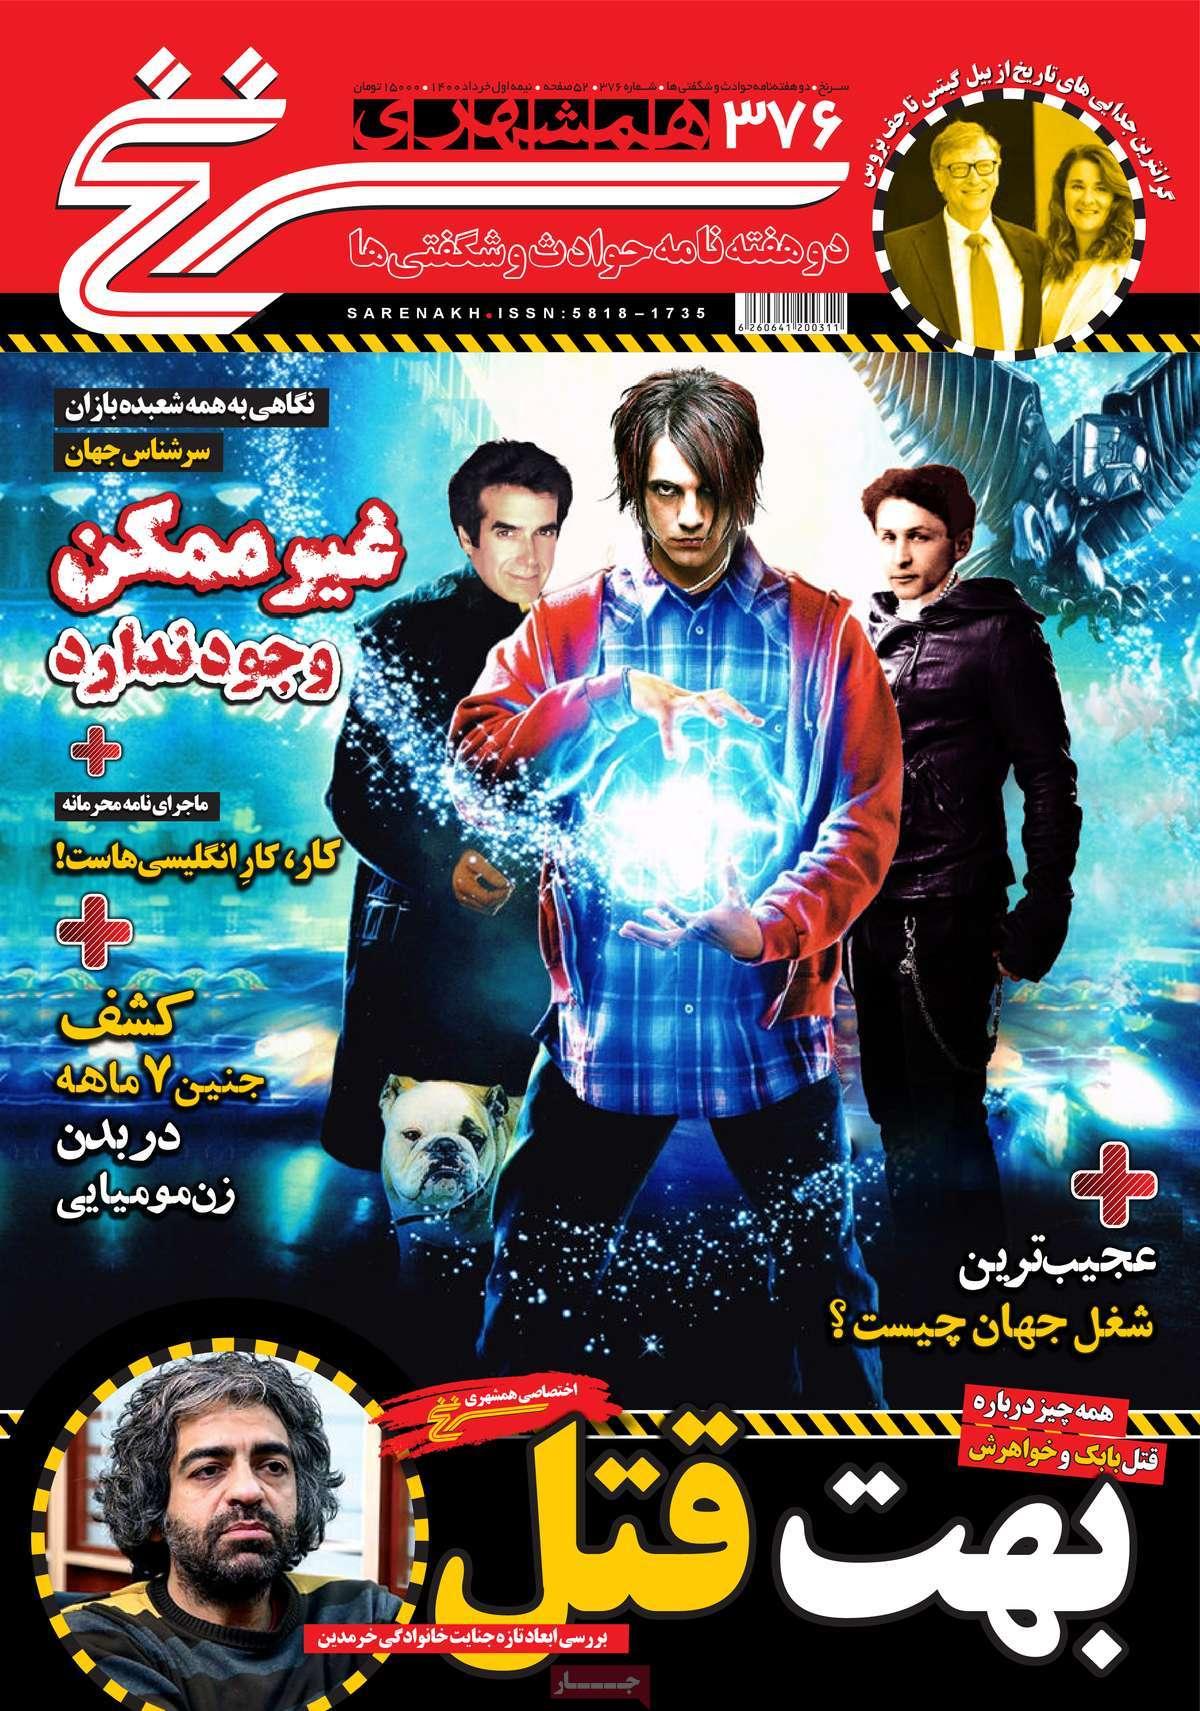 مجله همشهری سرنخ